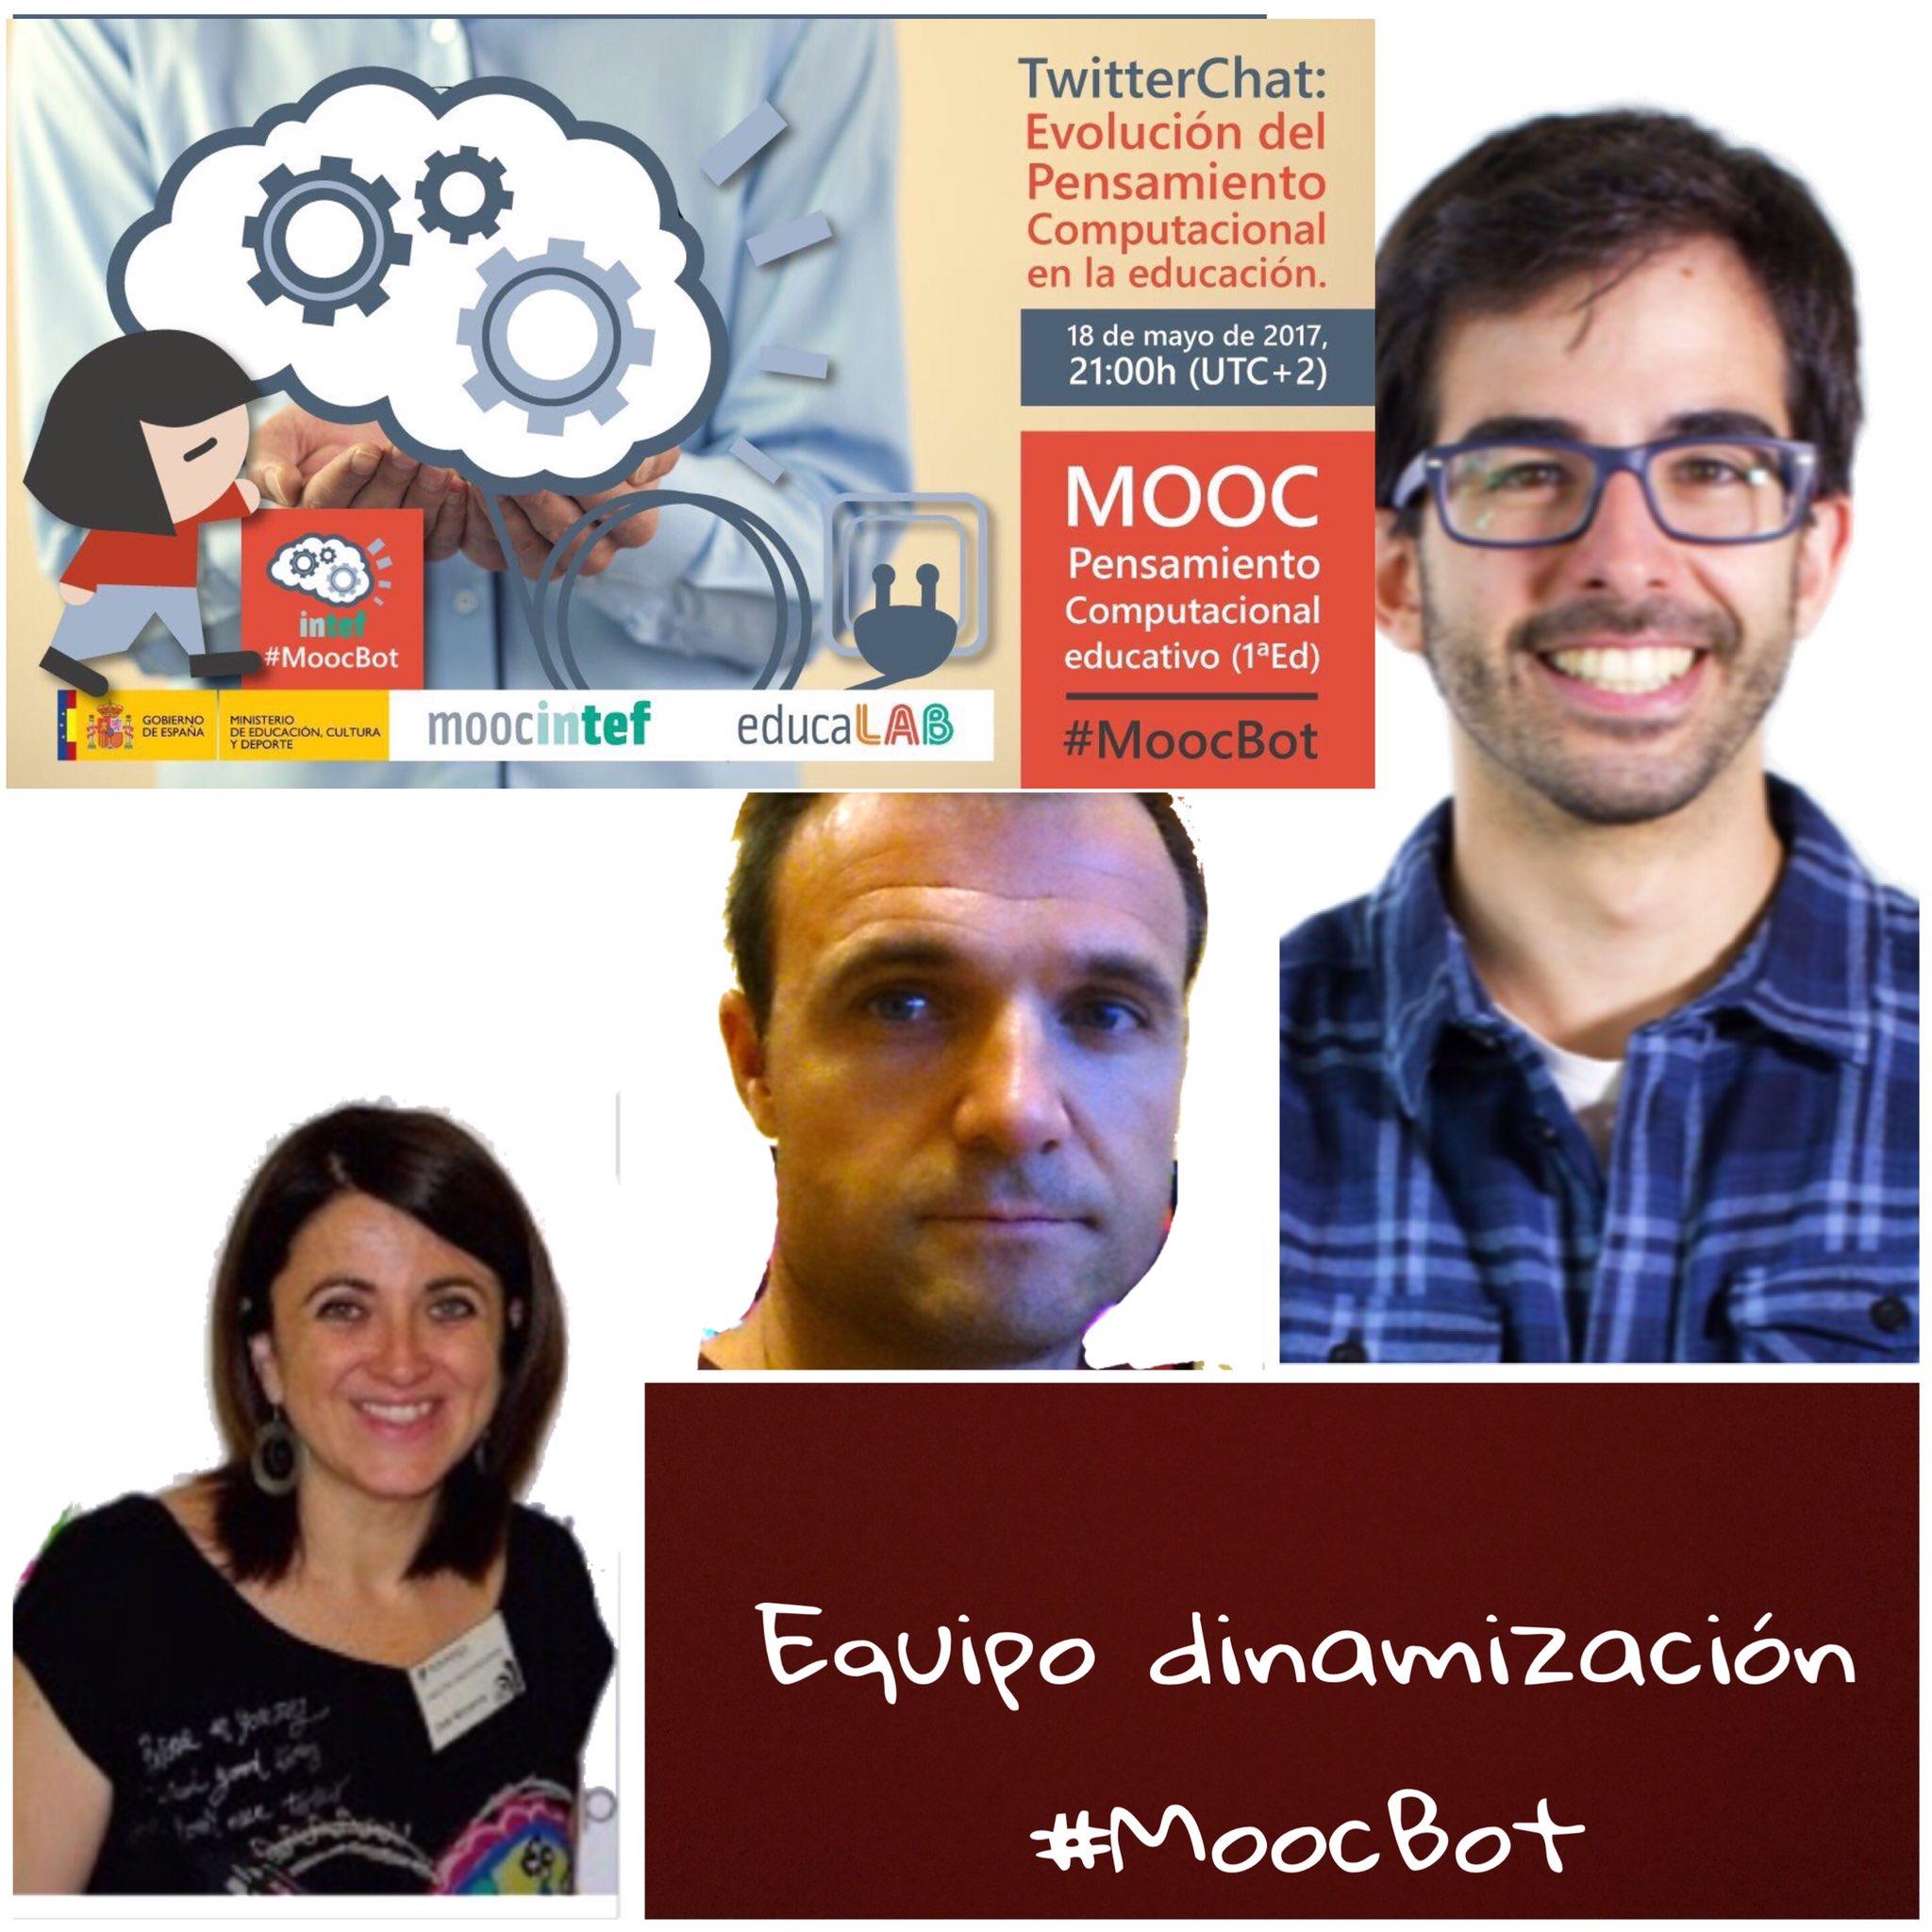 El equipo de dinamización de #MoocBot os da la bienvenida a este Twitterchat os animamos a responder a las preguntas #compartir es #aprender https://t.co/MjfYM3FlQL